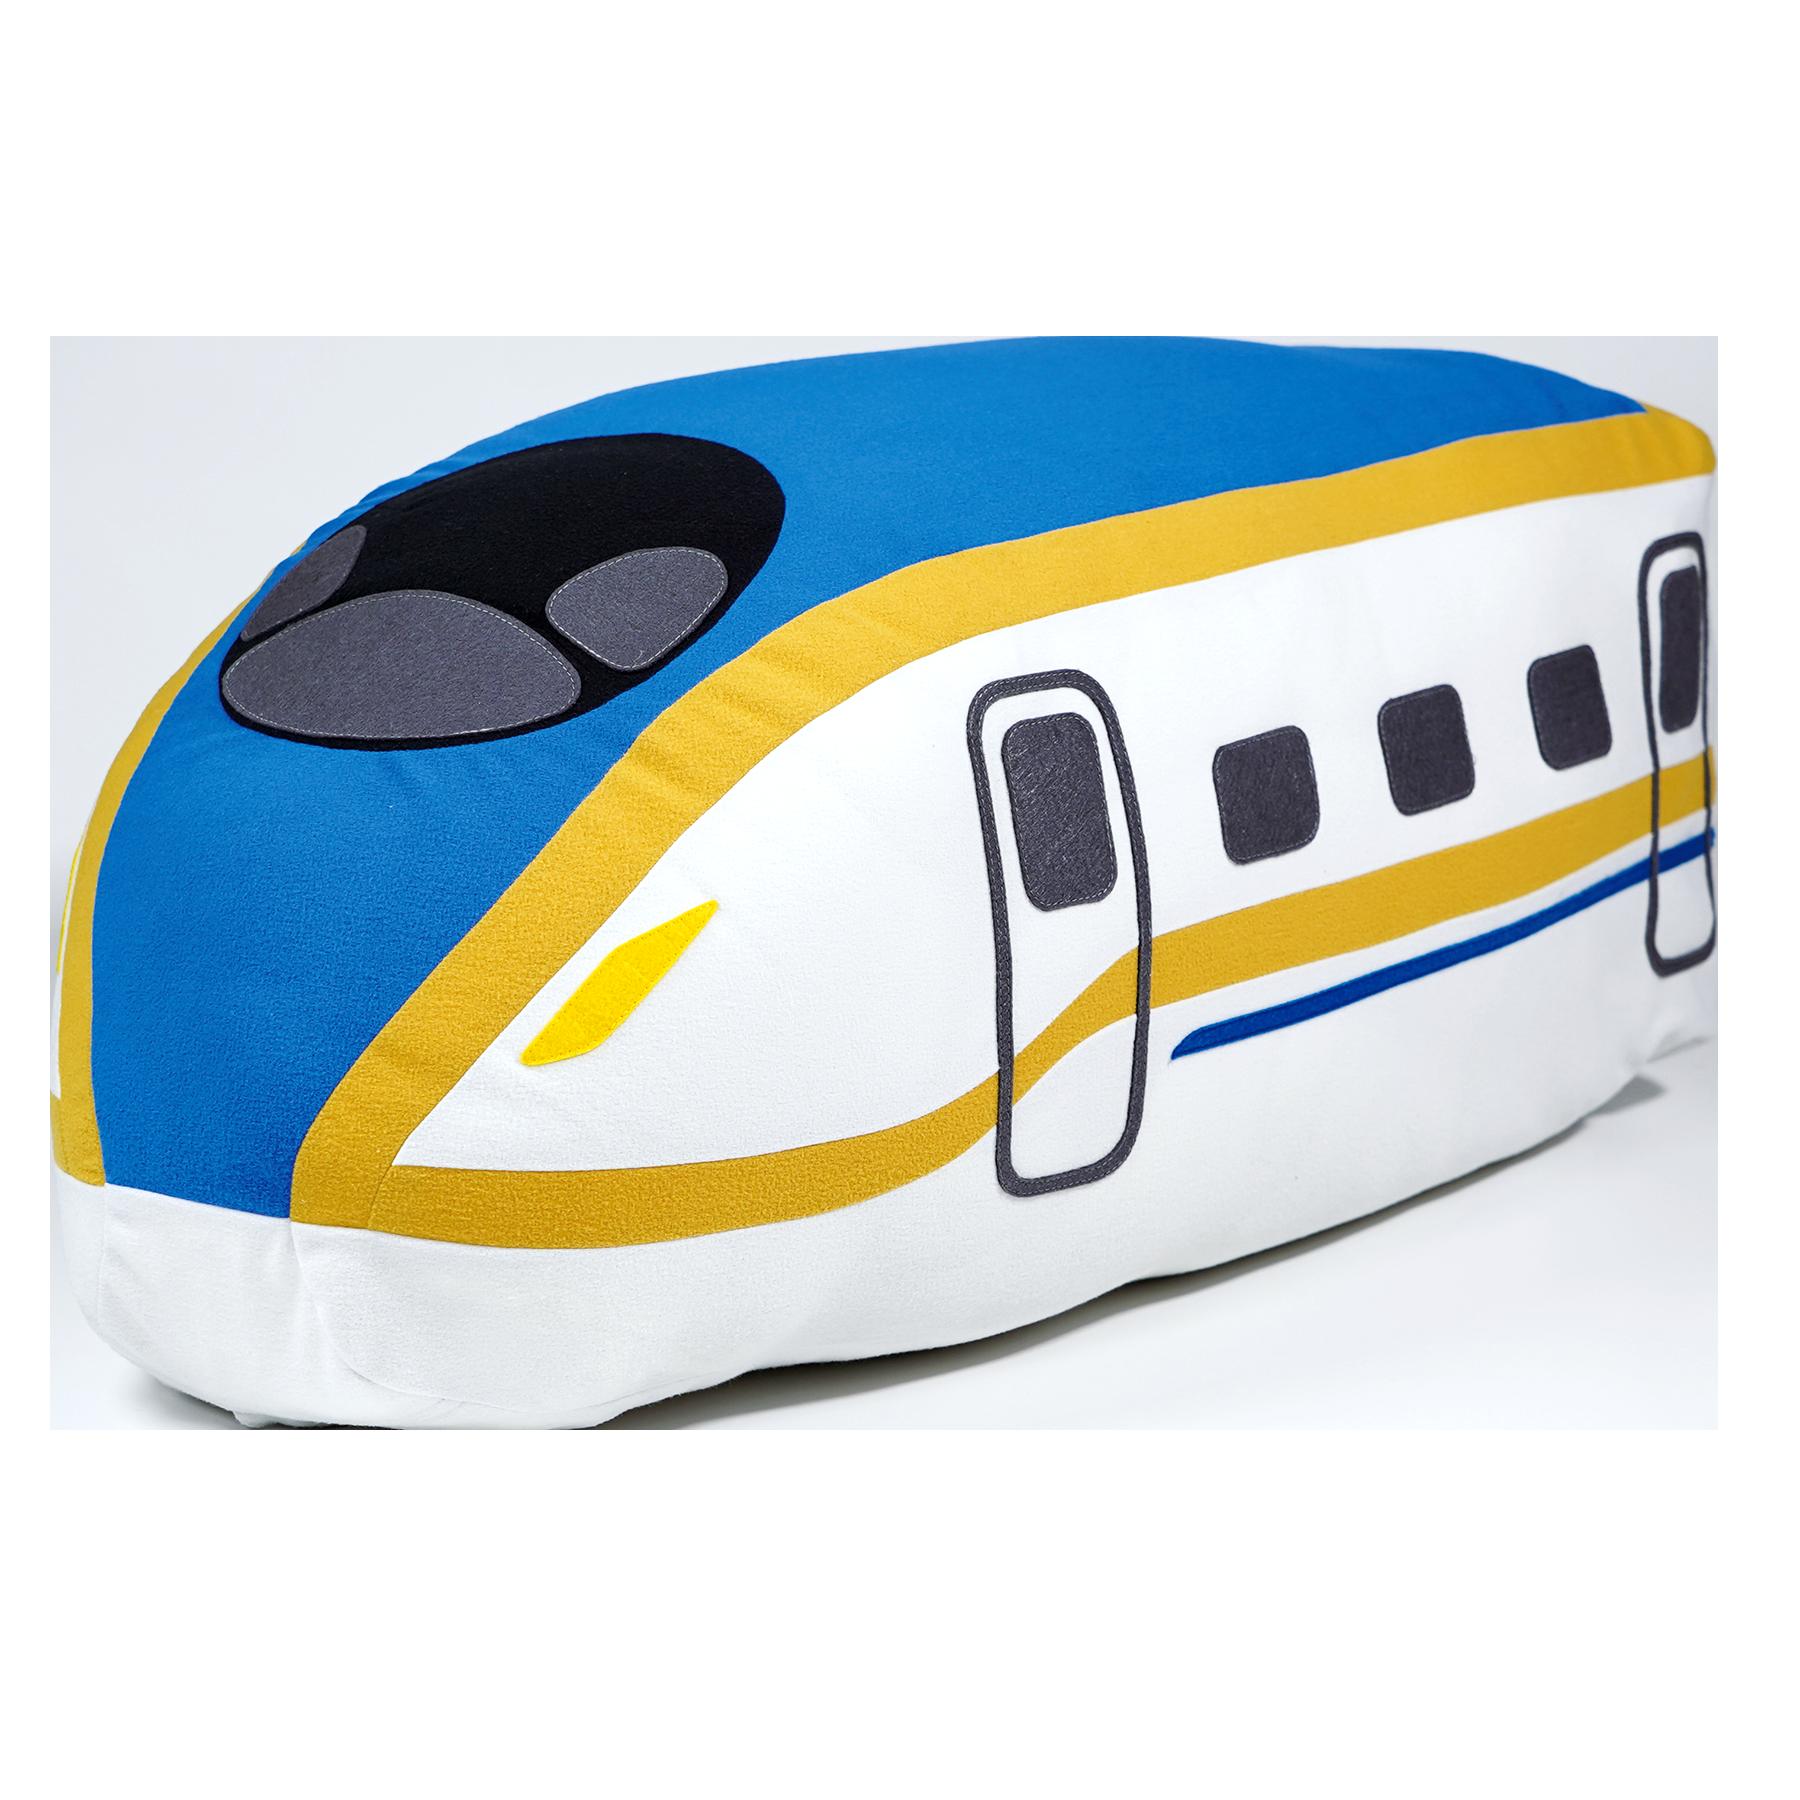 ふとんdeクッション(布団収納カバー)E7系かがやき(北陸新幹線)